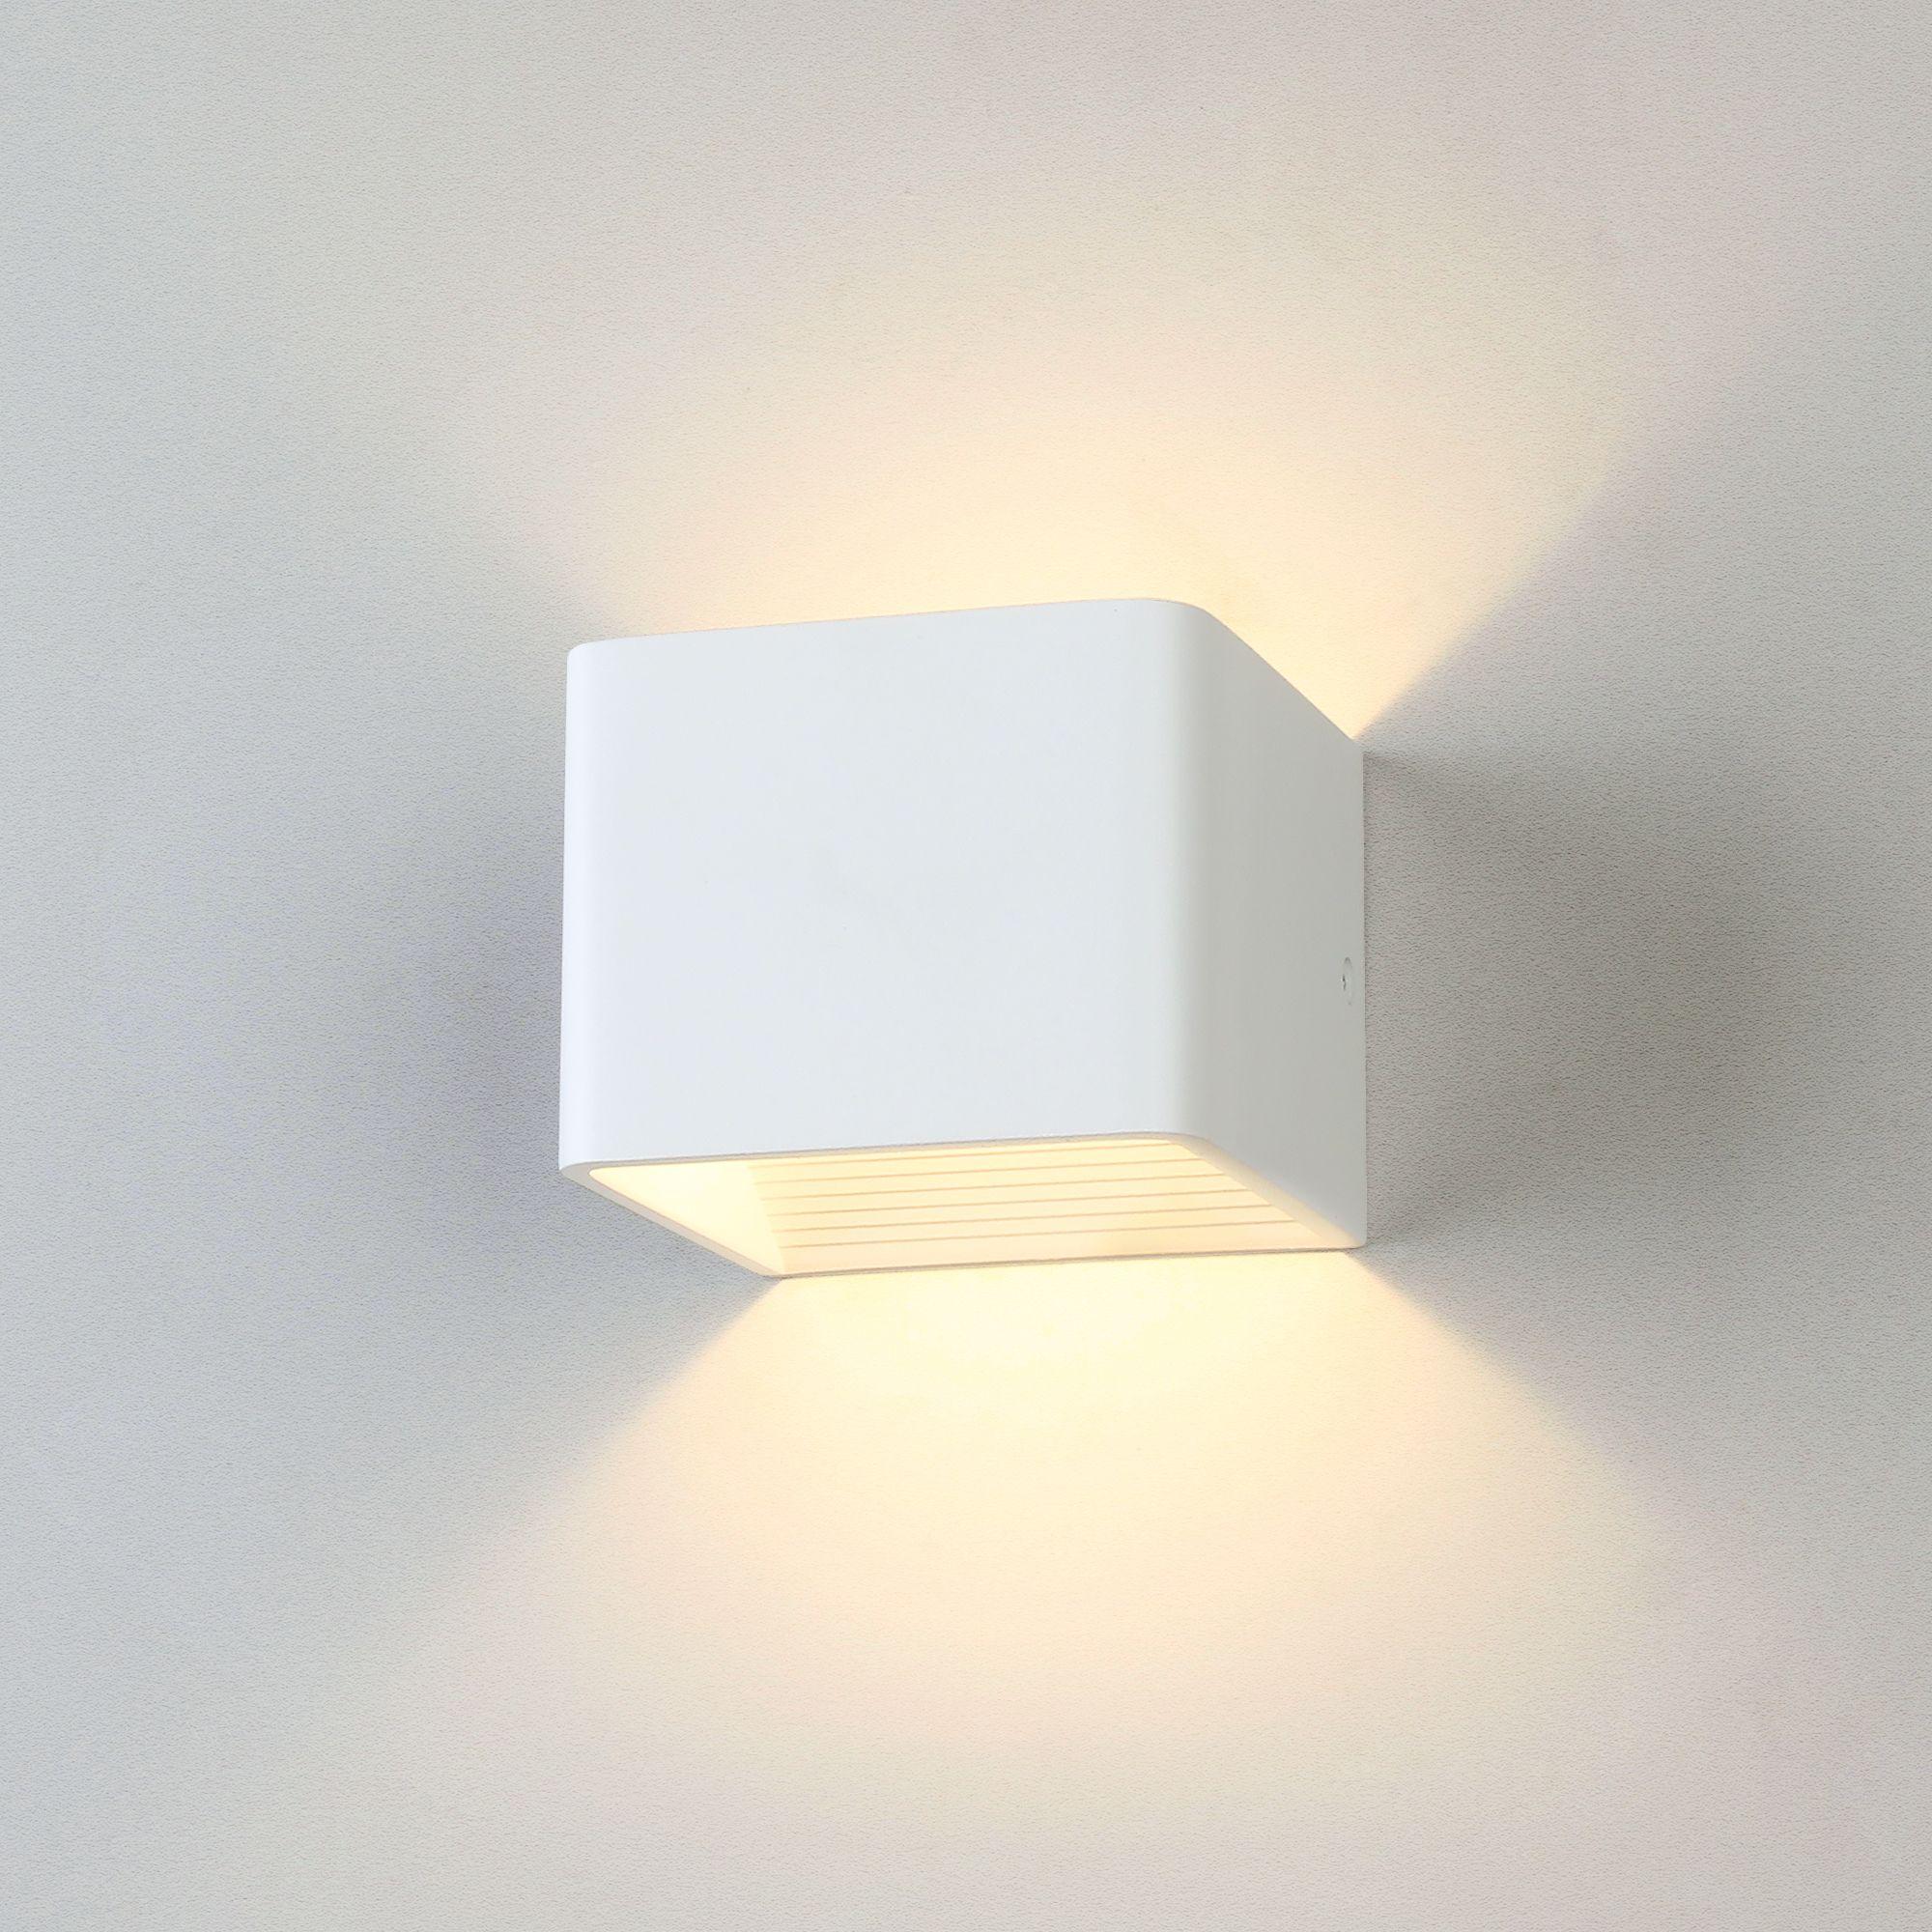 Настенный светодиодный светильник Corudo LED MRL LED 1060 белый